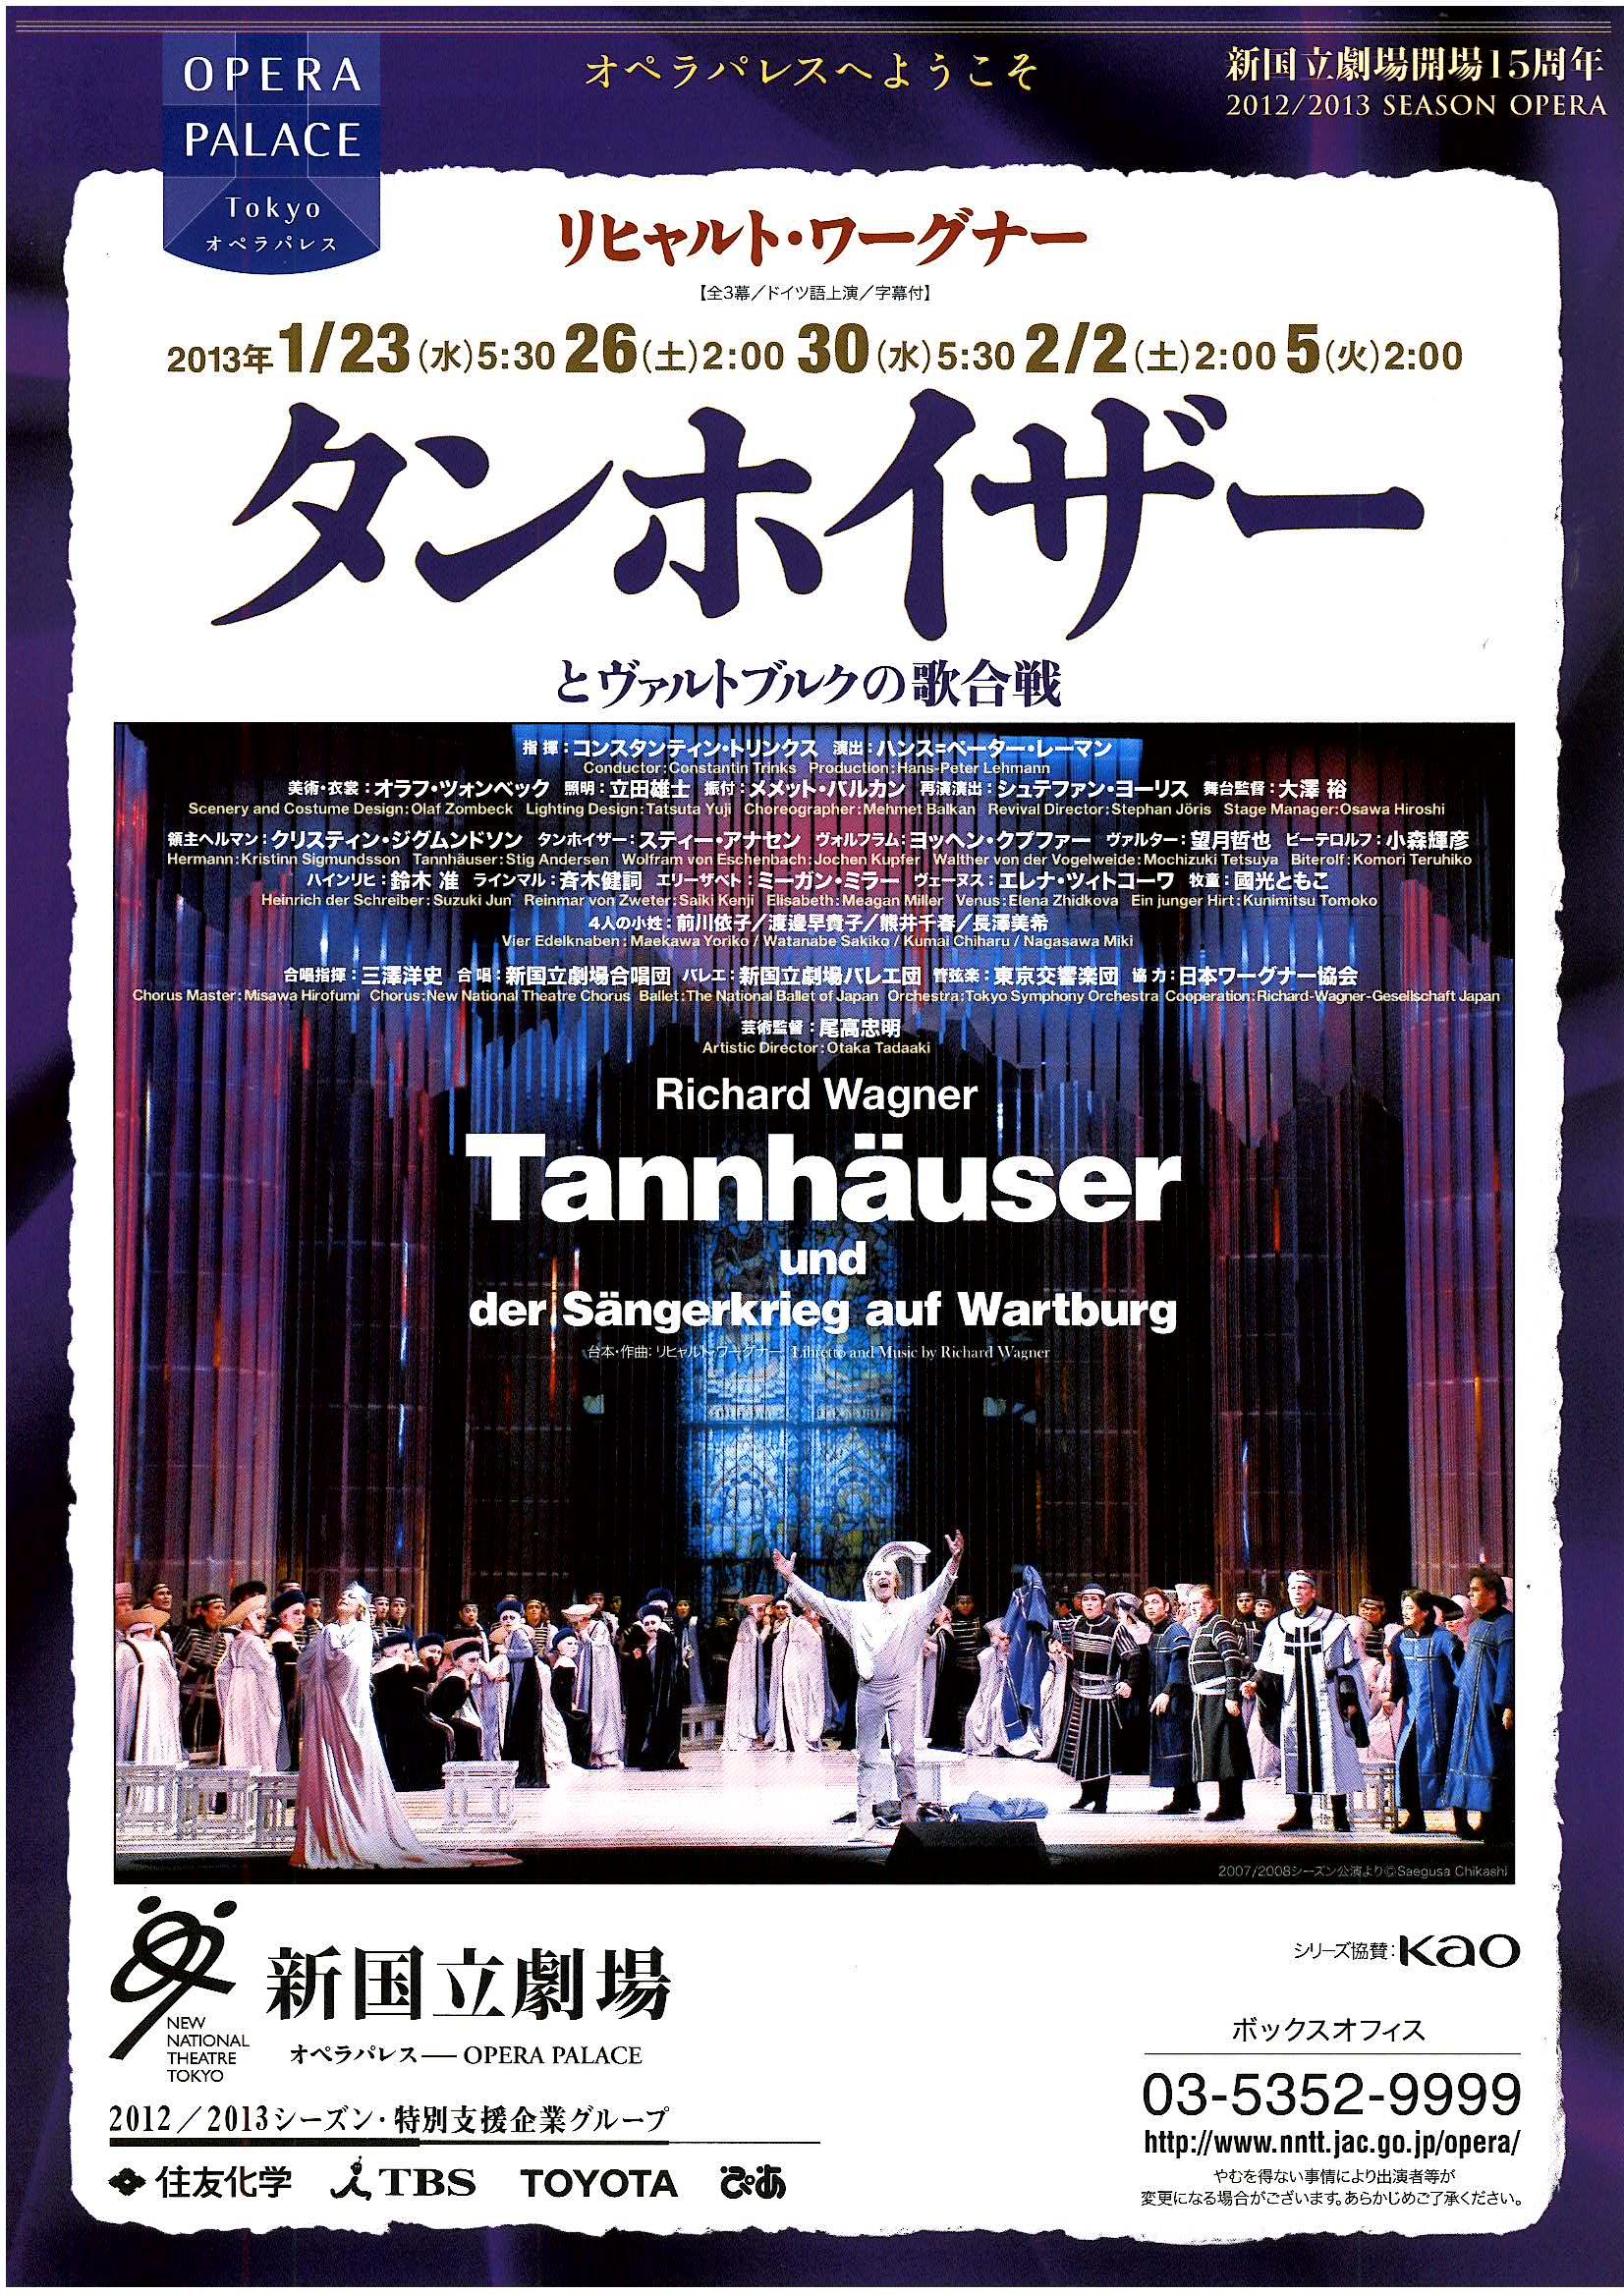 佐藤治彦のパフォーミングアーツ批評 新国立劇場オペラ タンホイザー